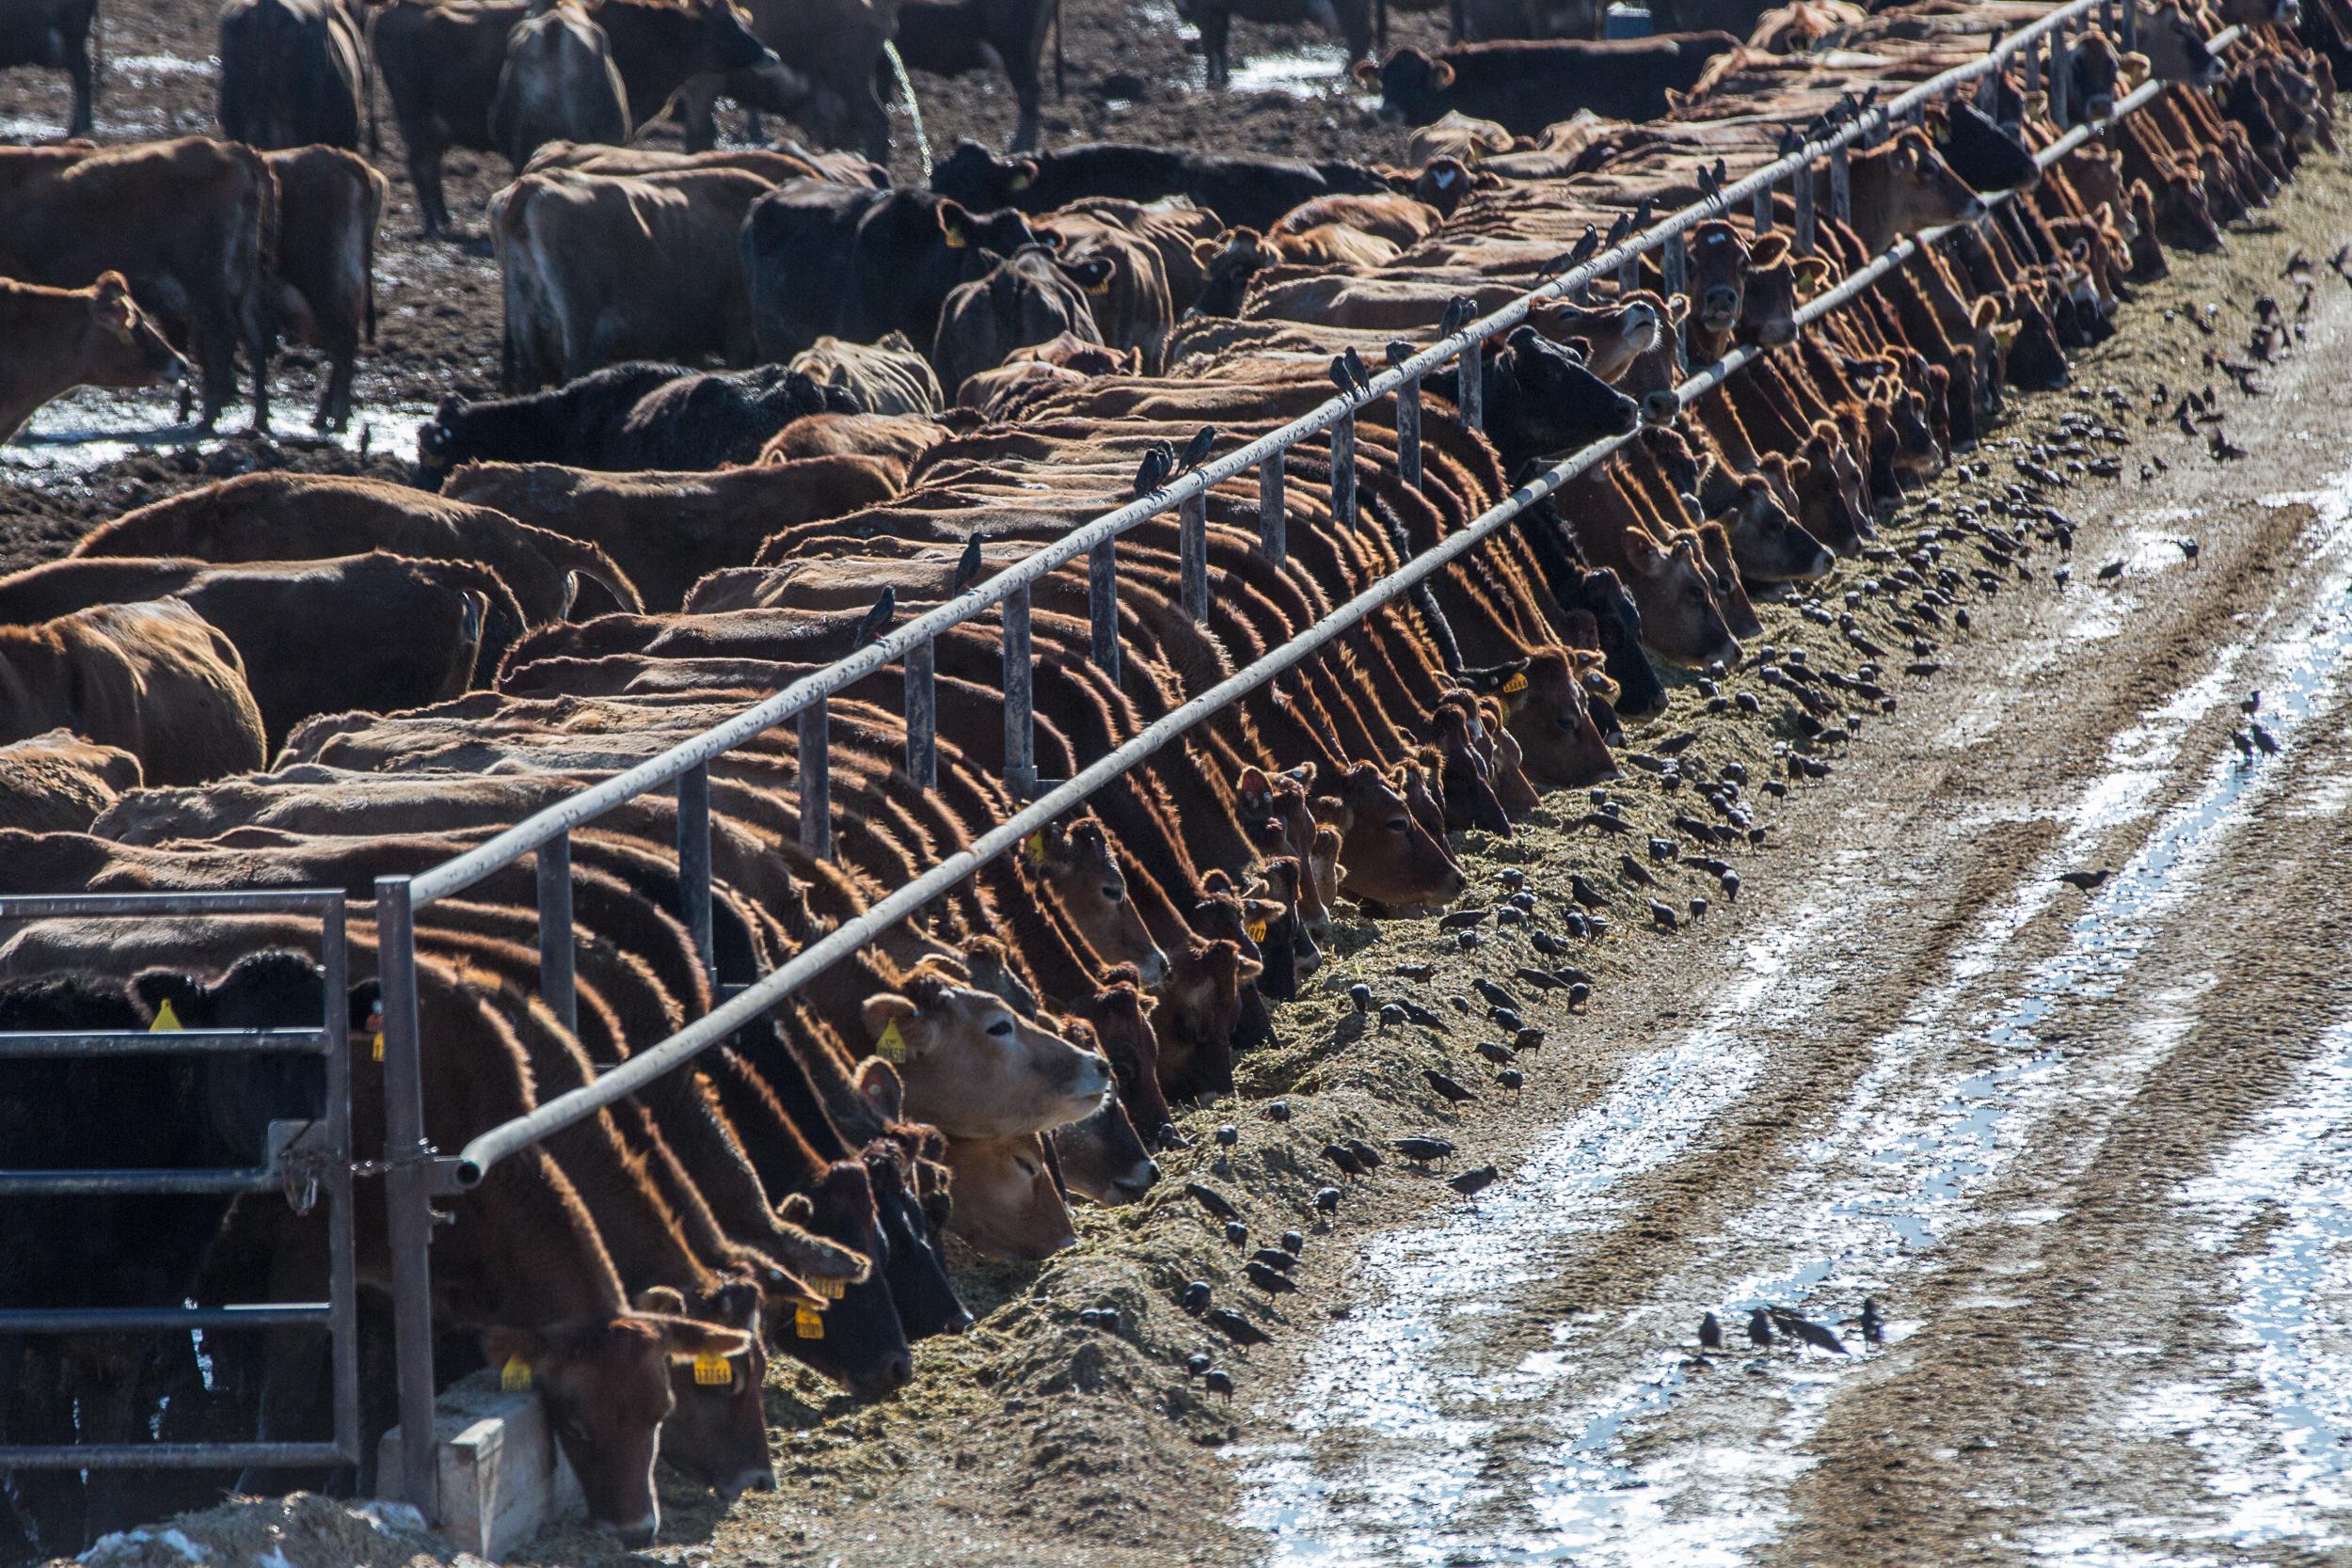 Cattle in a Weld County feedlot